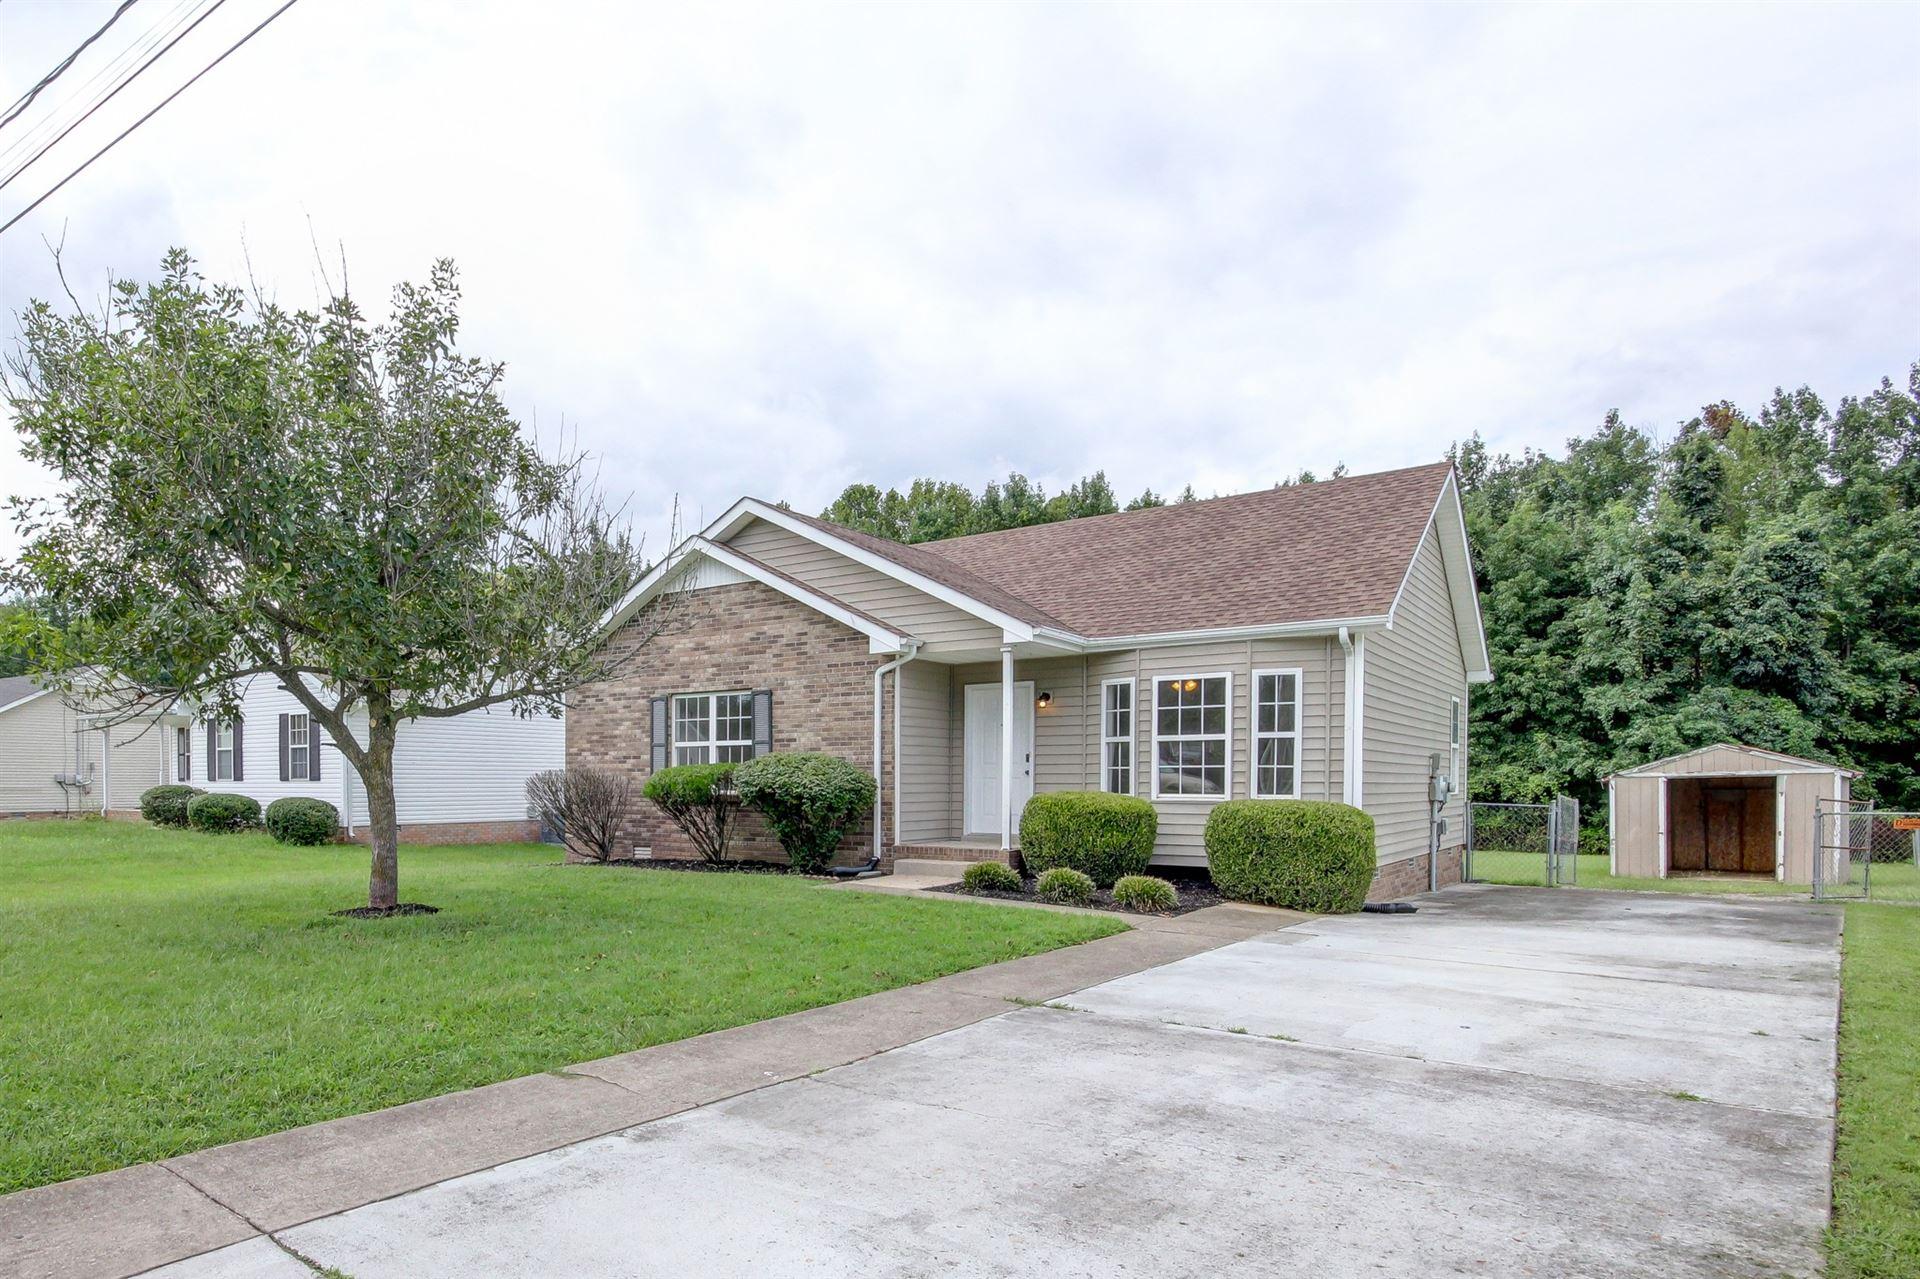 422 Woodale Dr, Clarksville, TN 37042 - MLS#: 2186752